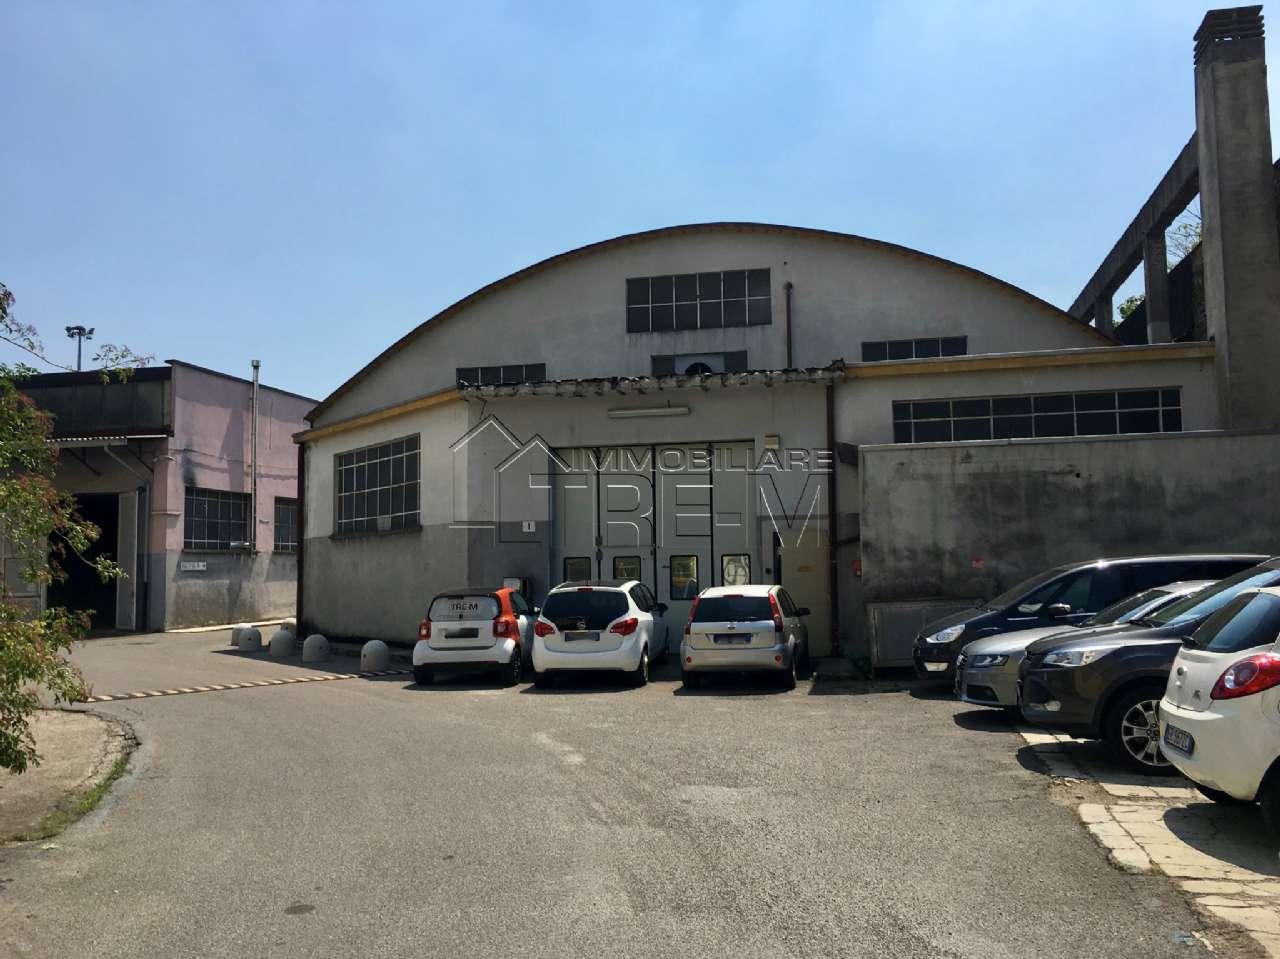 Capannone in vendita a Saronno, 9999 locali, prezzo € 290.000 | CambioCasa.it